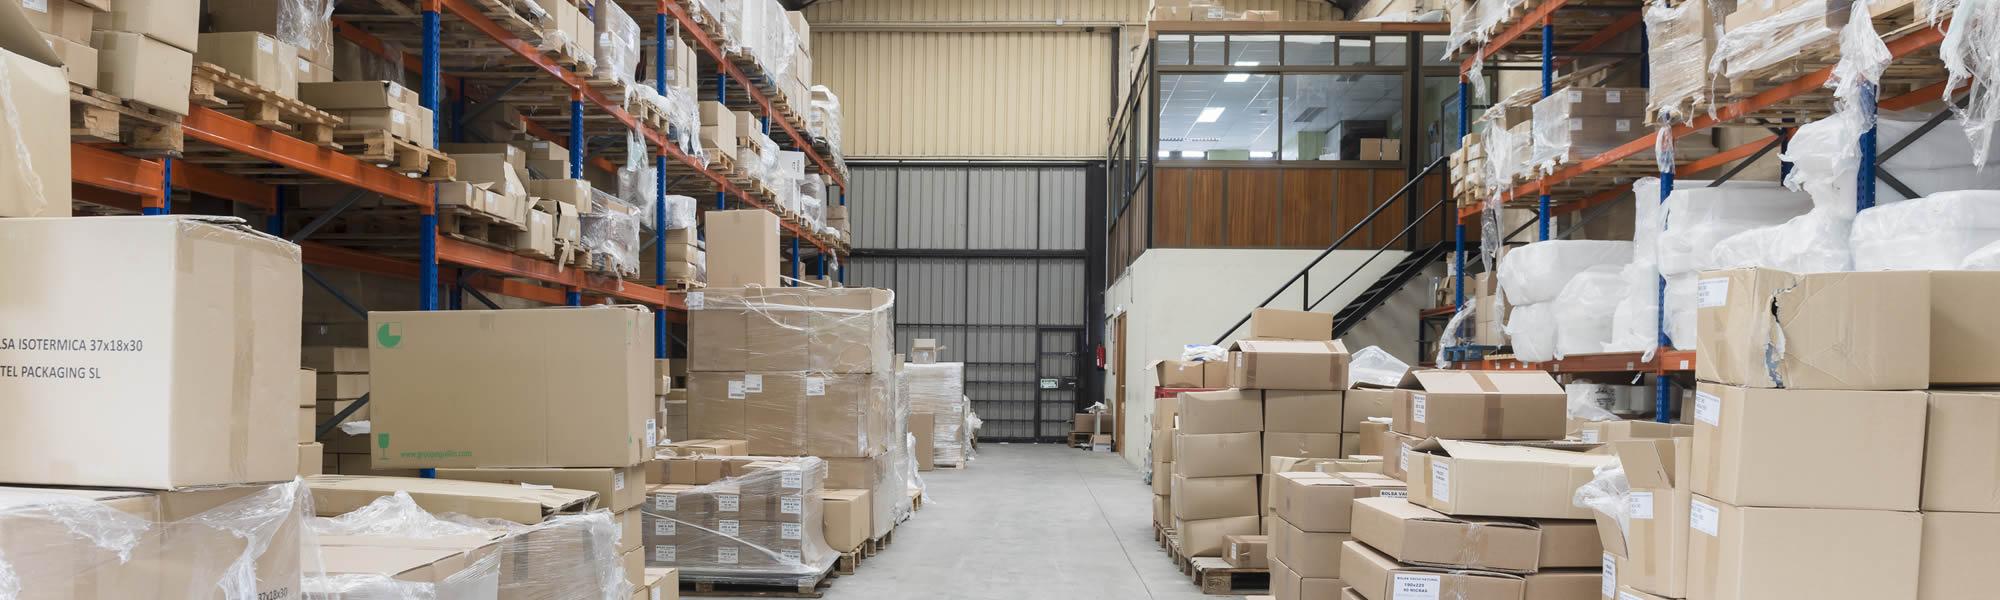 Zubelzuk enbalaje- eta packaging-zerbitzurik onena eskaintzeko 1.000 metro koadro baino gehiago ditu